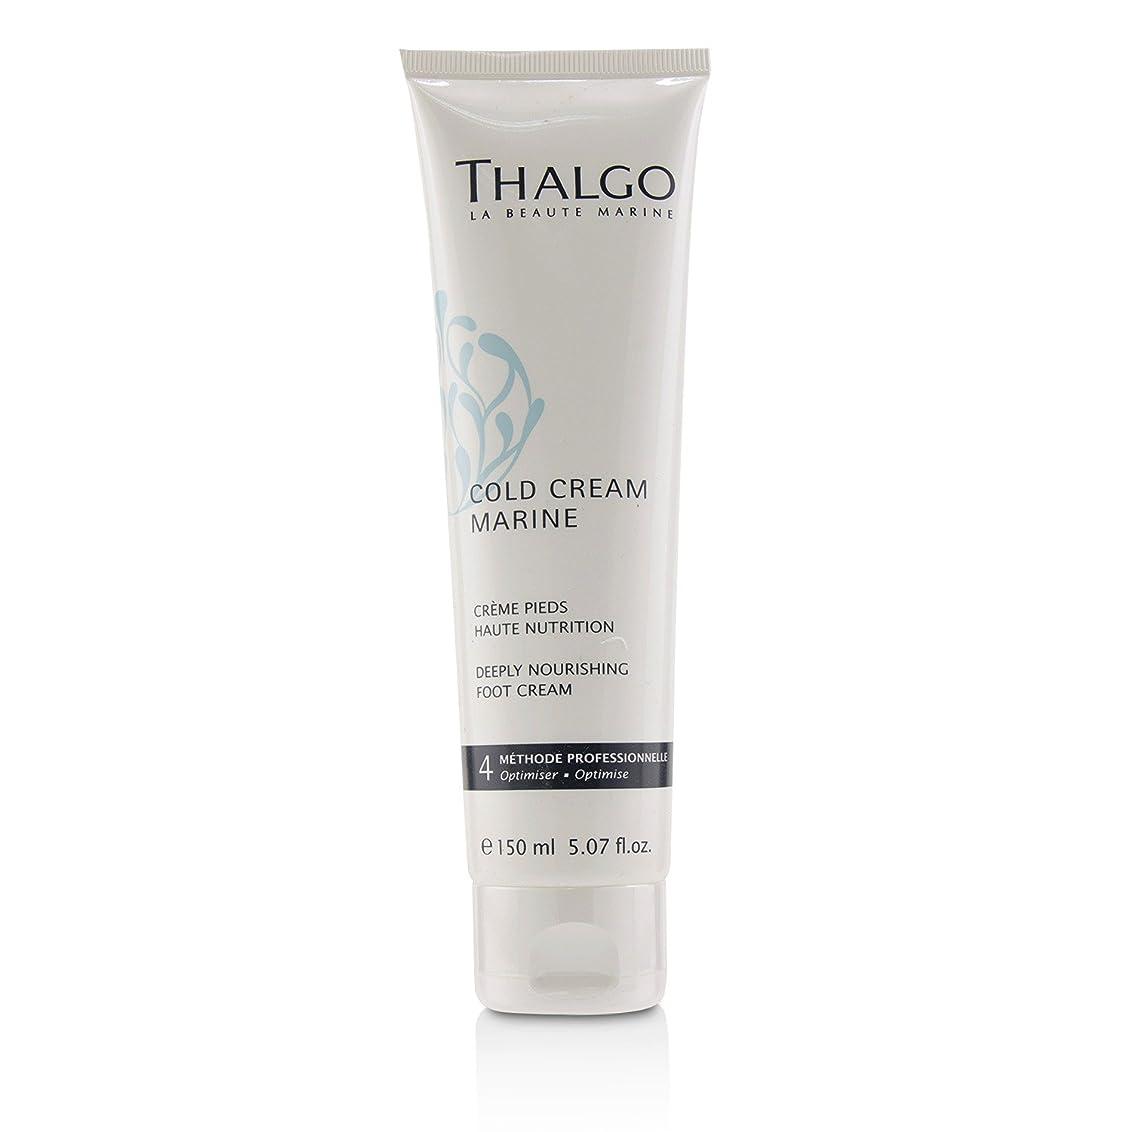 フィットネス新しい意味カバレッジタルゴ Cold Cream Marine Deeply Nourishing Foot Cream - For Dry, Very Dry Feet (Salon Size) 150ml/5.07oz並行輸入品